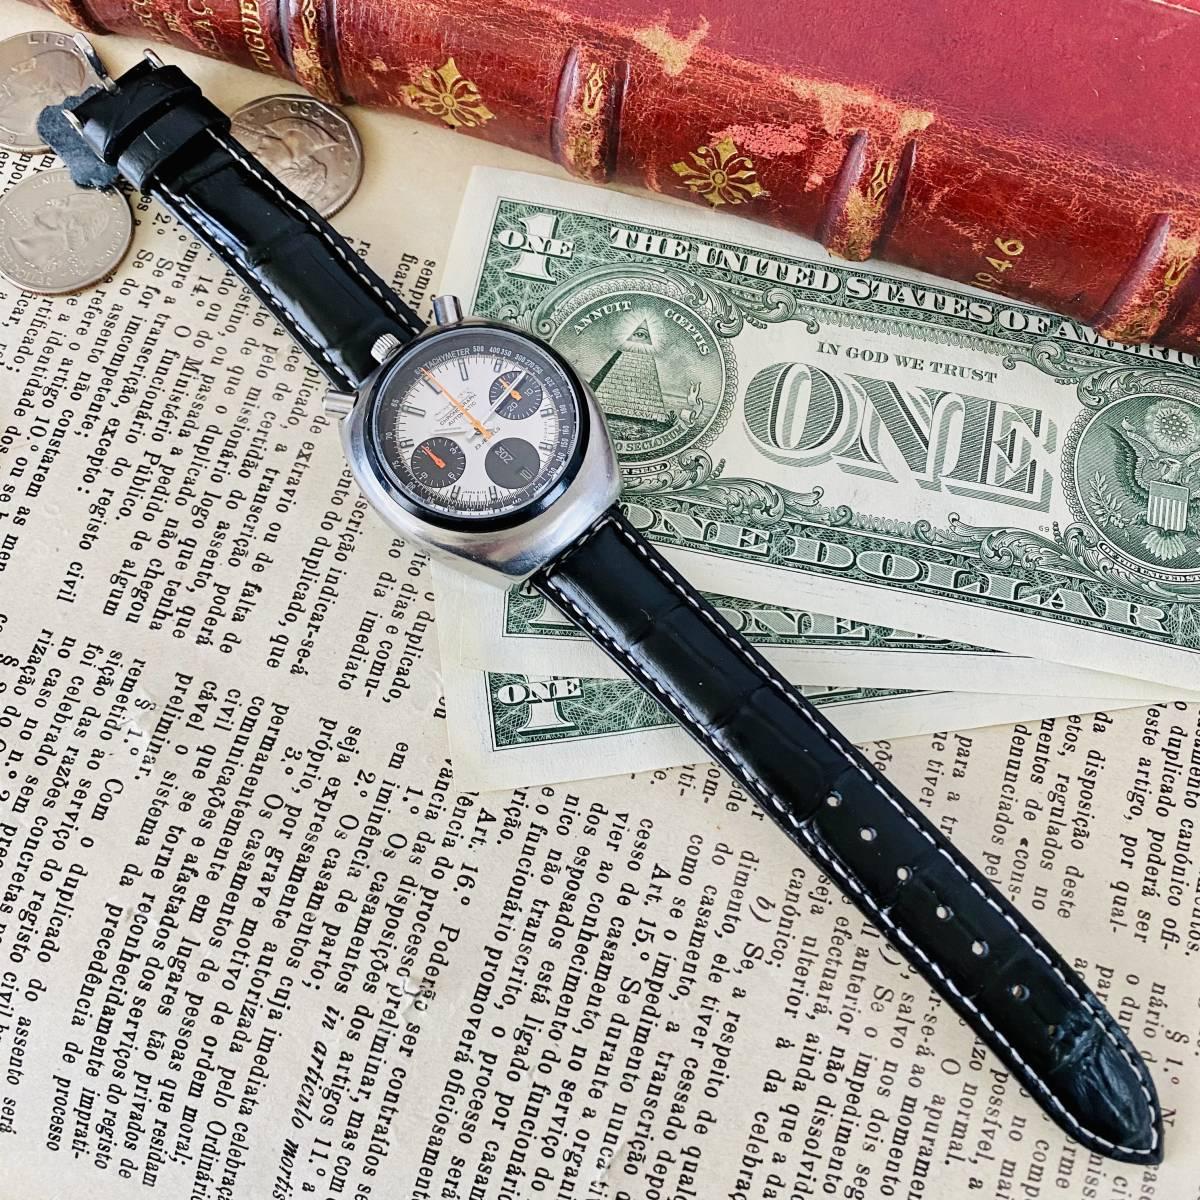 【高級腕時計 シチズン】CITIZEN 8110A クロノグラフ 自動巻 1979年 デイデイト ツノ メンズ レディース アナログ パンダ チャレンジ_画像8